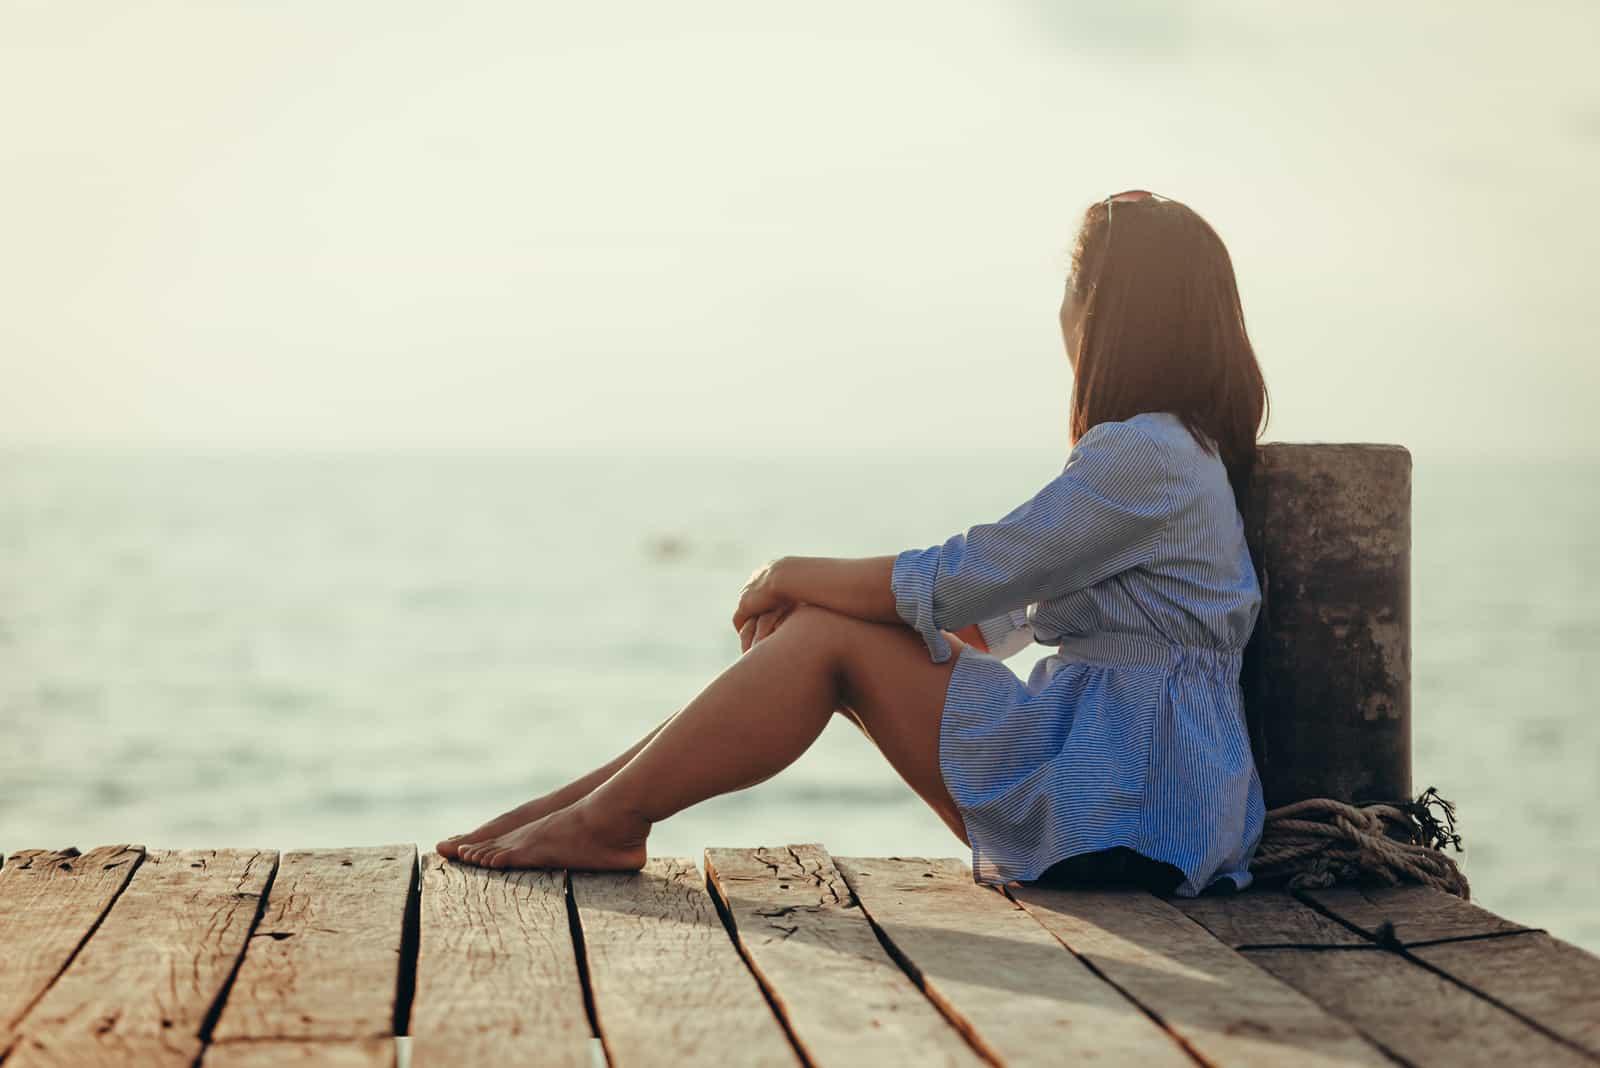 Frau sitzt allein einsam auf Holzbrücke